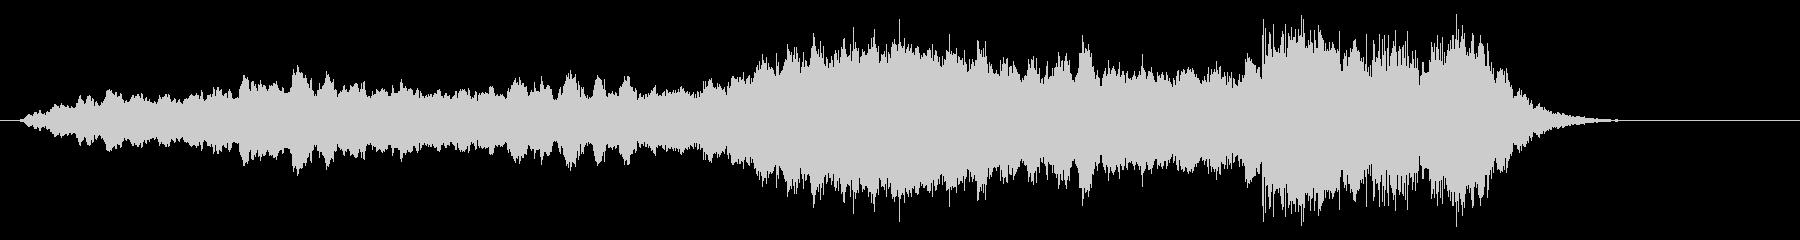 エレクトロ_ハイクオリティージングル_8の未再生の波形